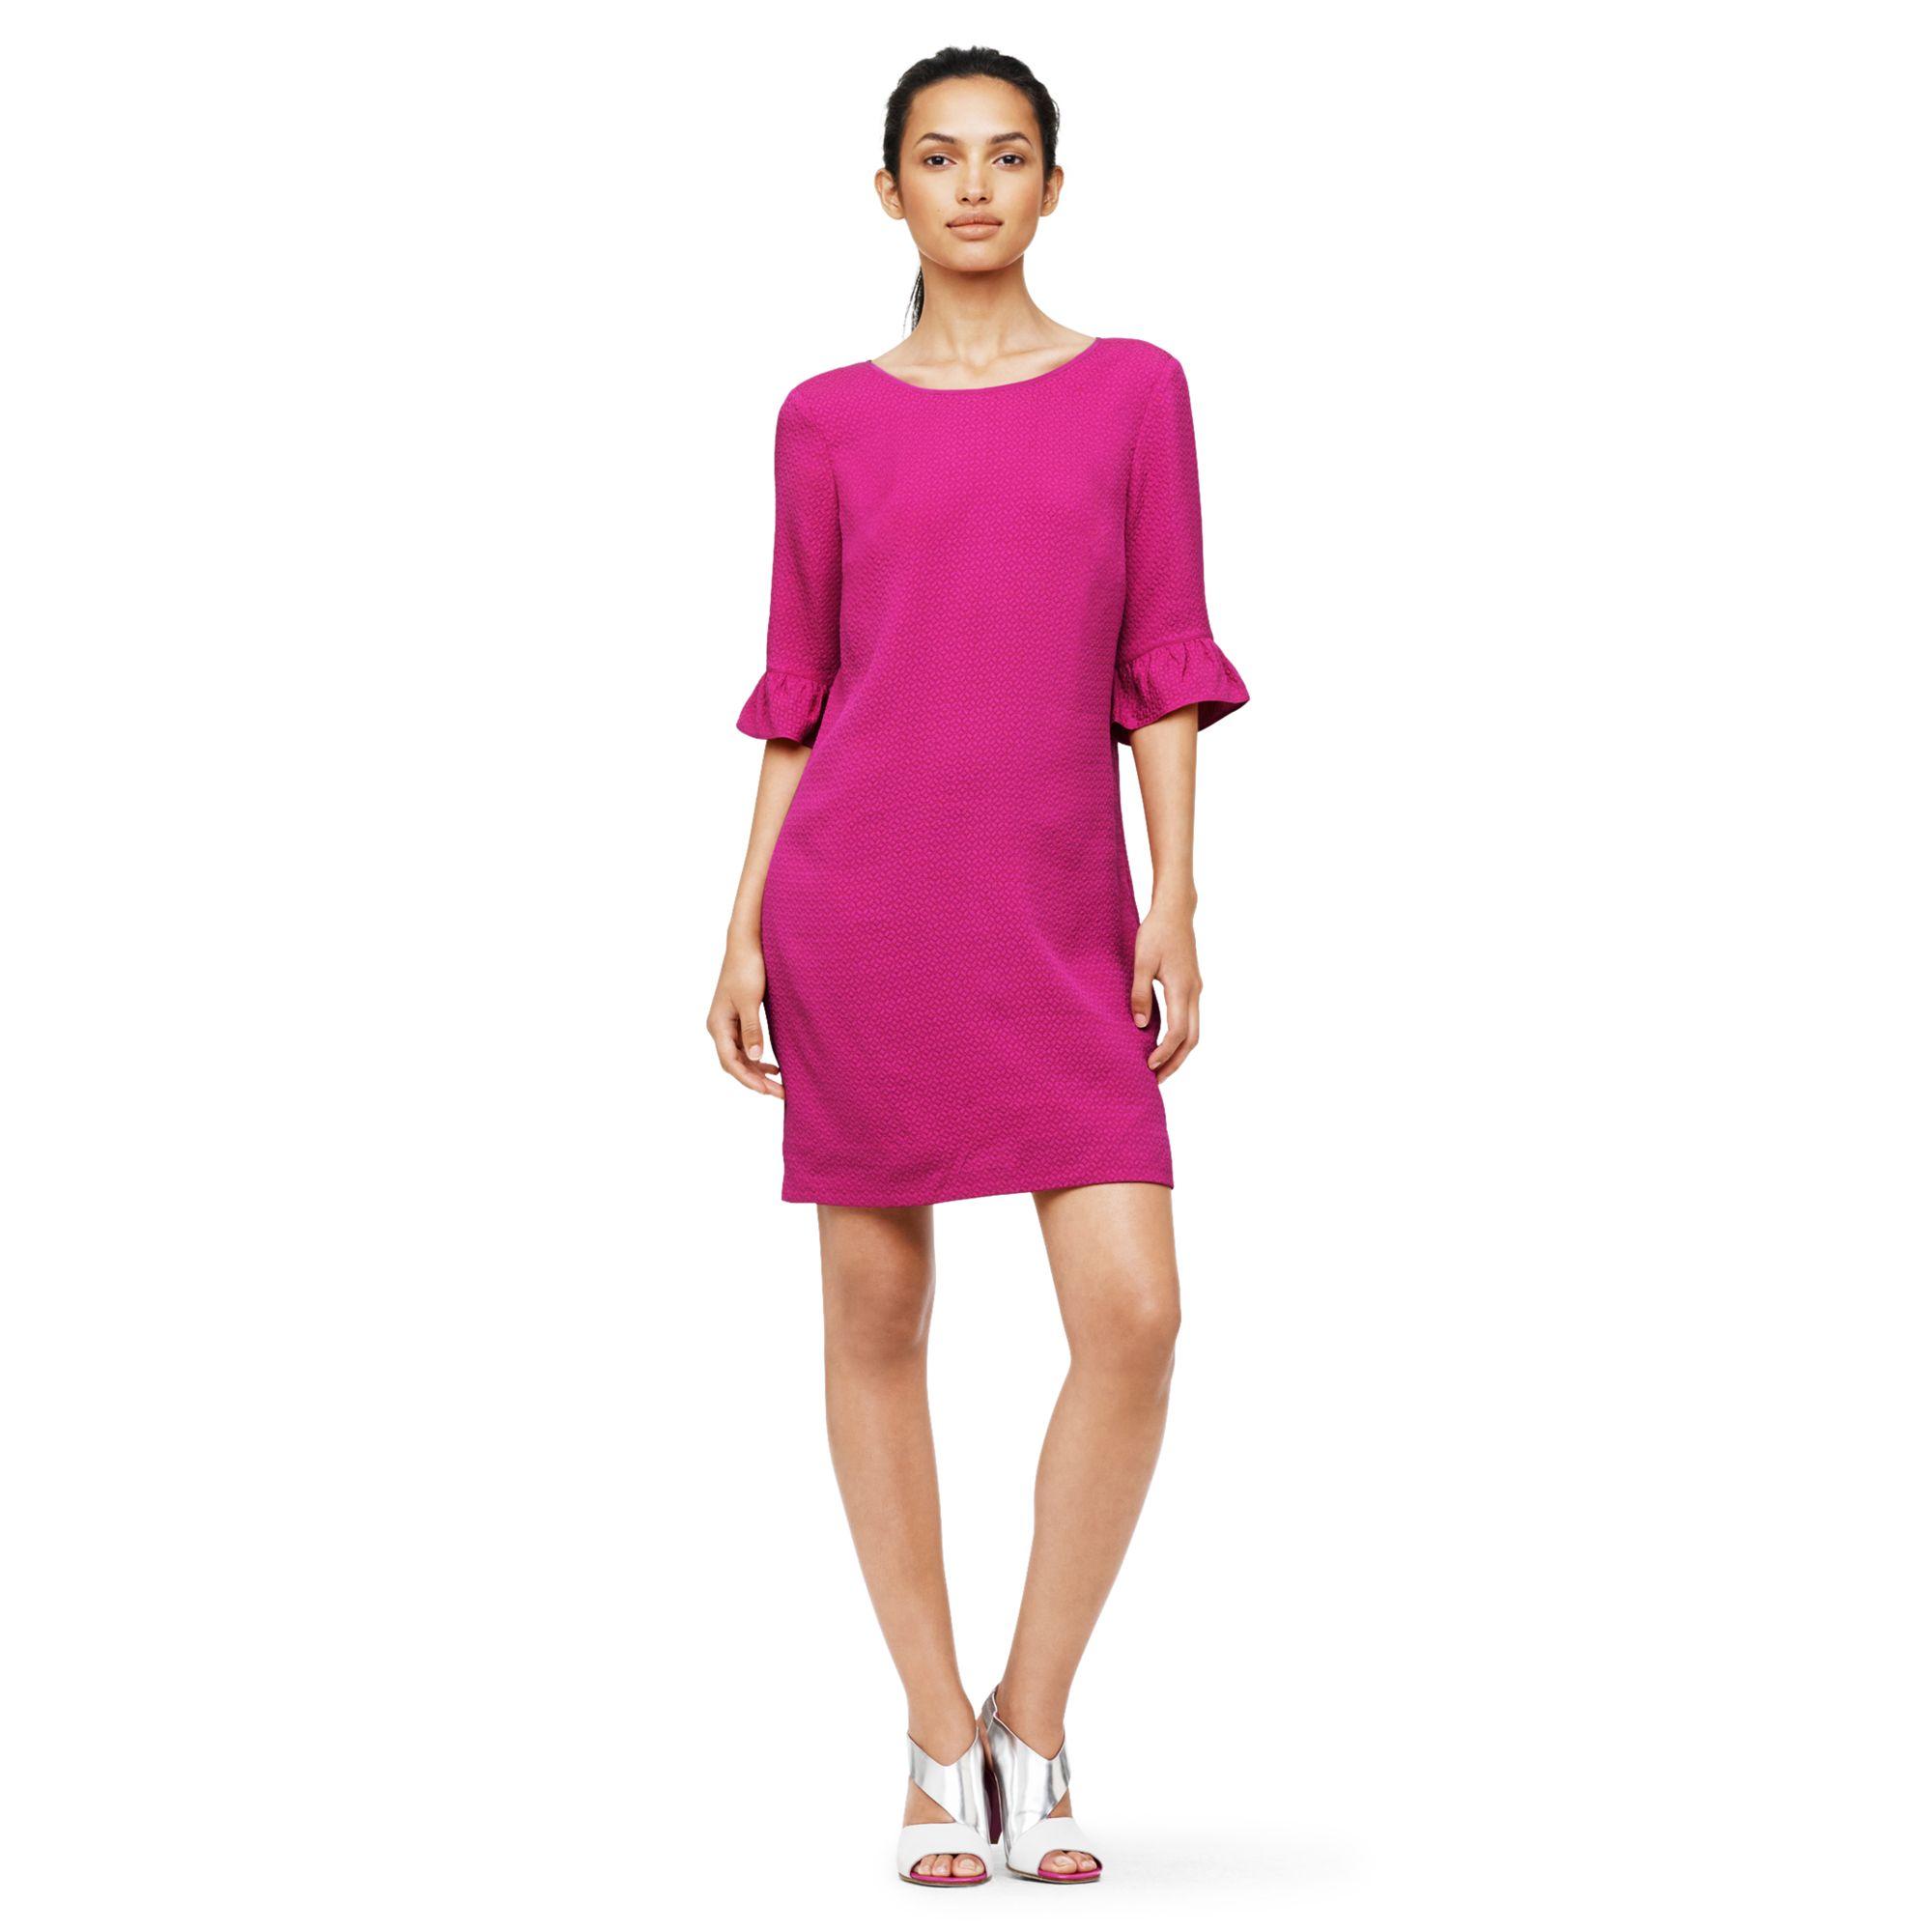 designer club dresses - photo #46